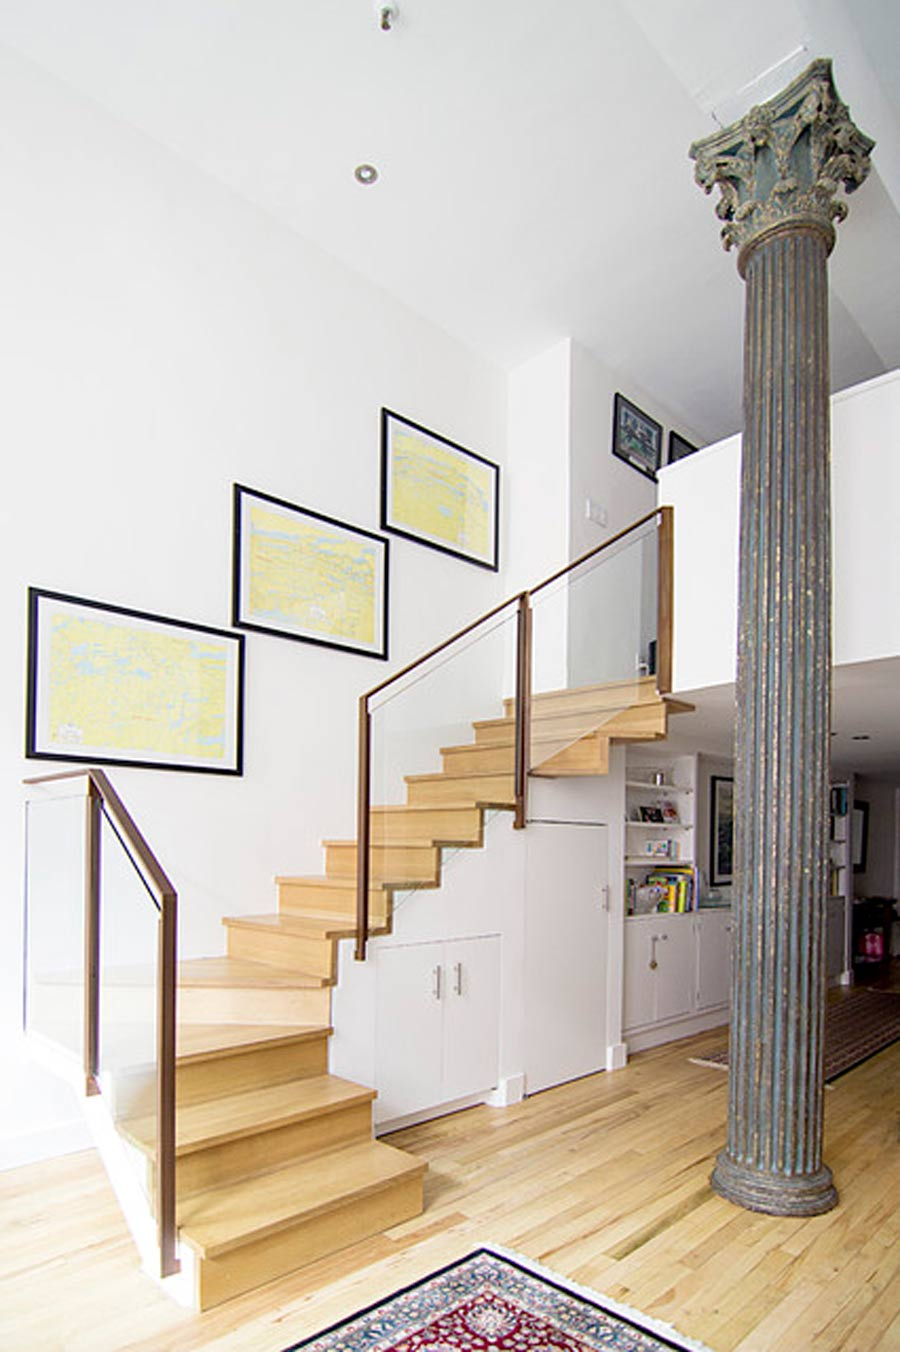 ستون سنگی از بهترین ایده های دکور ستون وسط خانه